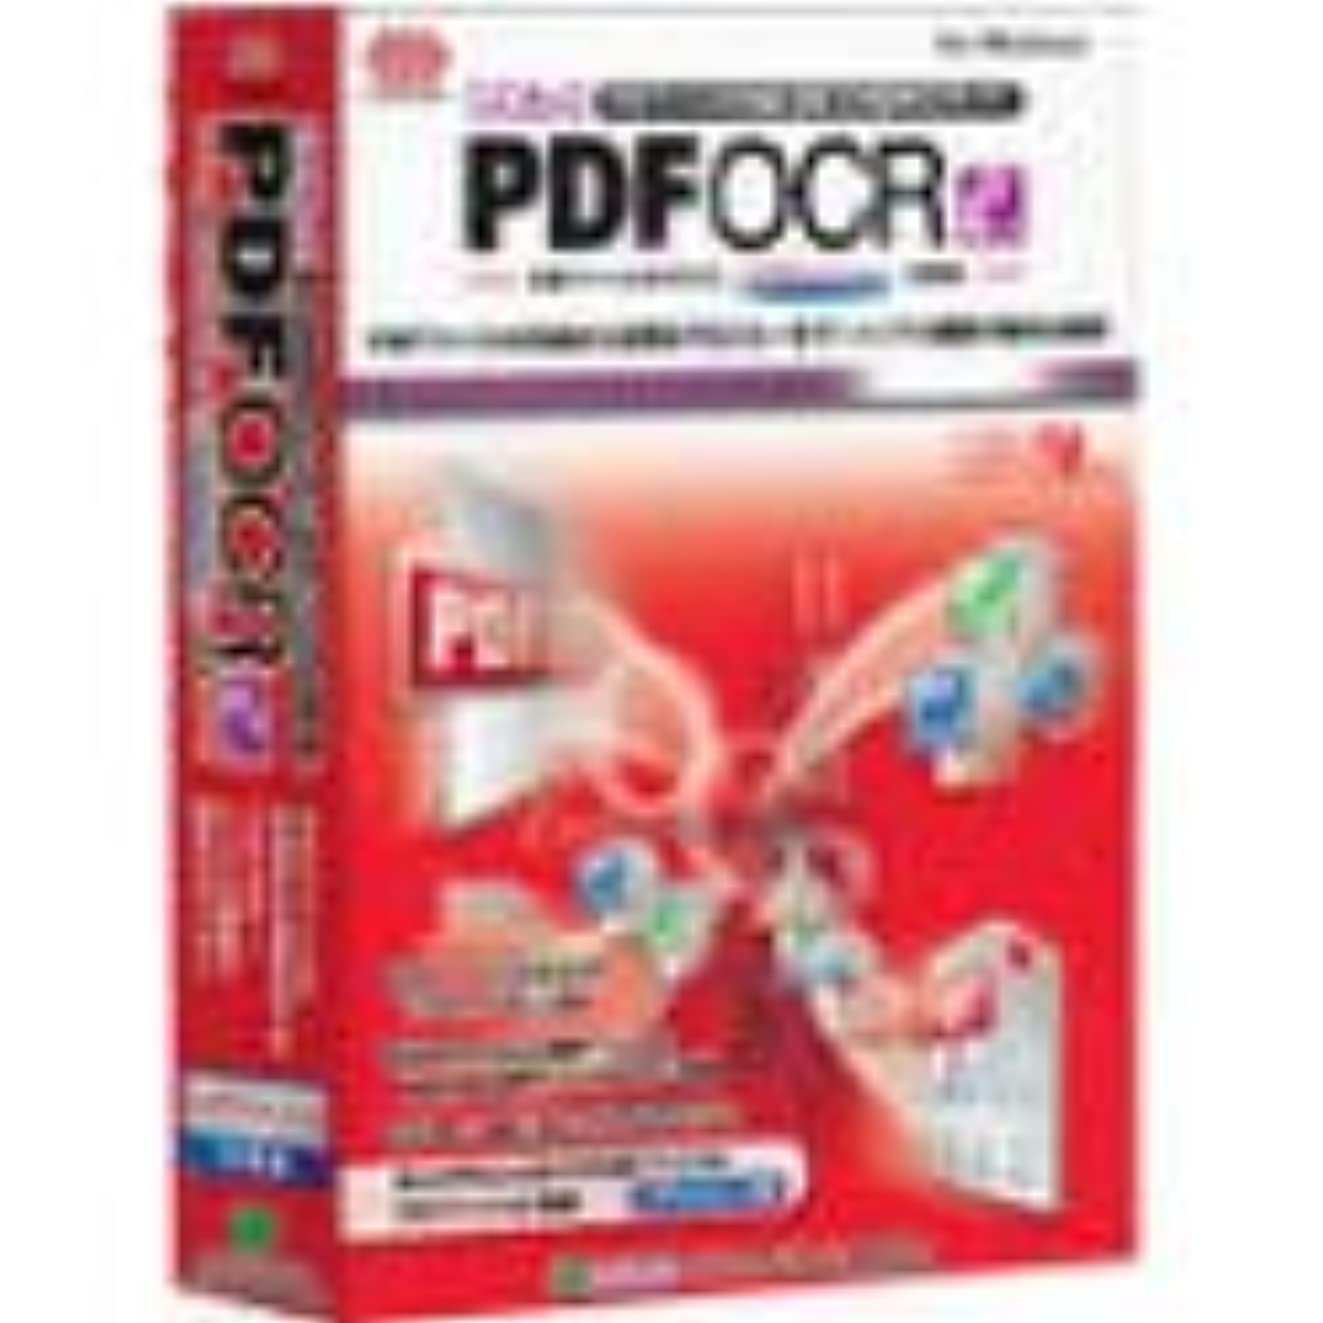 立法記述するずるいやさしくPDF OCR ~pdfFactory 2付属版~ for Windows